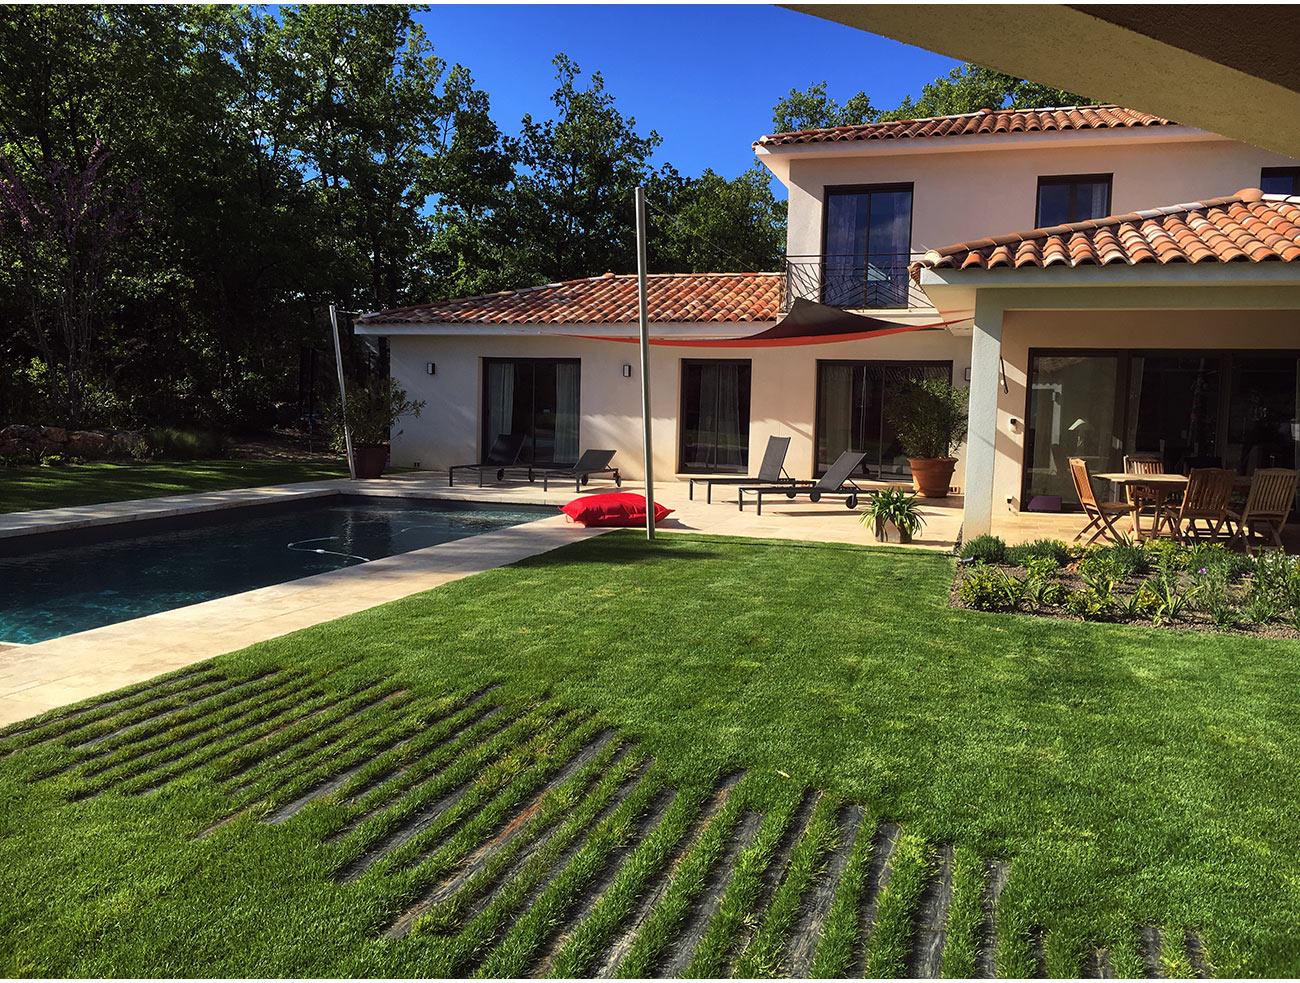 Atelier Naudier - Architecte paysagiste concepteur - Montpellier & Aix en Provence - Jardin naturel contemporain - PAS JAPONAIS - aménagement jardin- FRANCE 3 IN SiTU